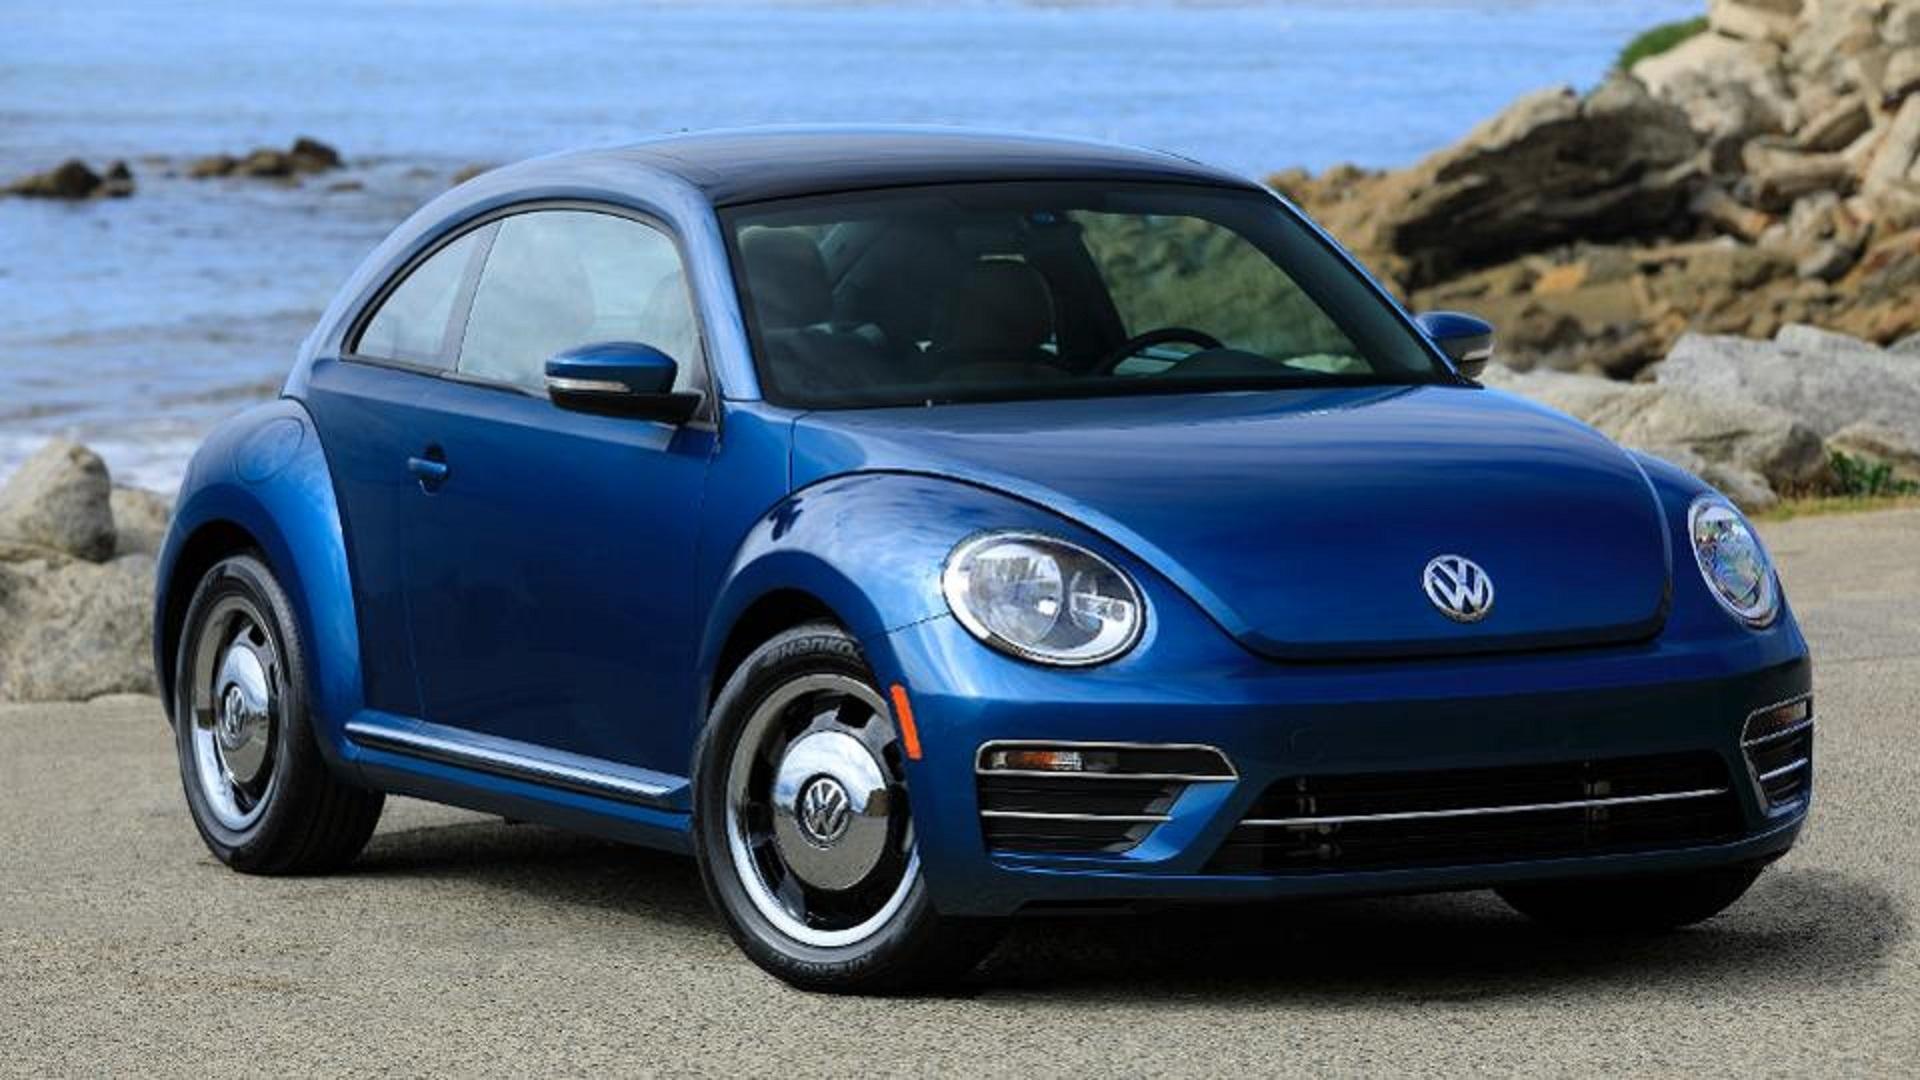 Top 10 chiếc xe ít bị trộm dòm ngó nhất tại Mỹ